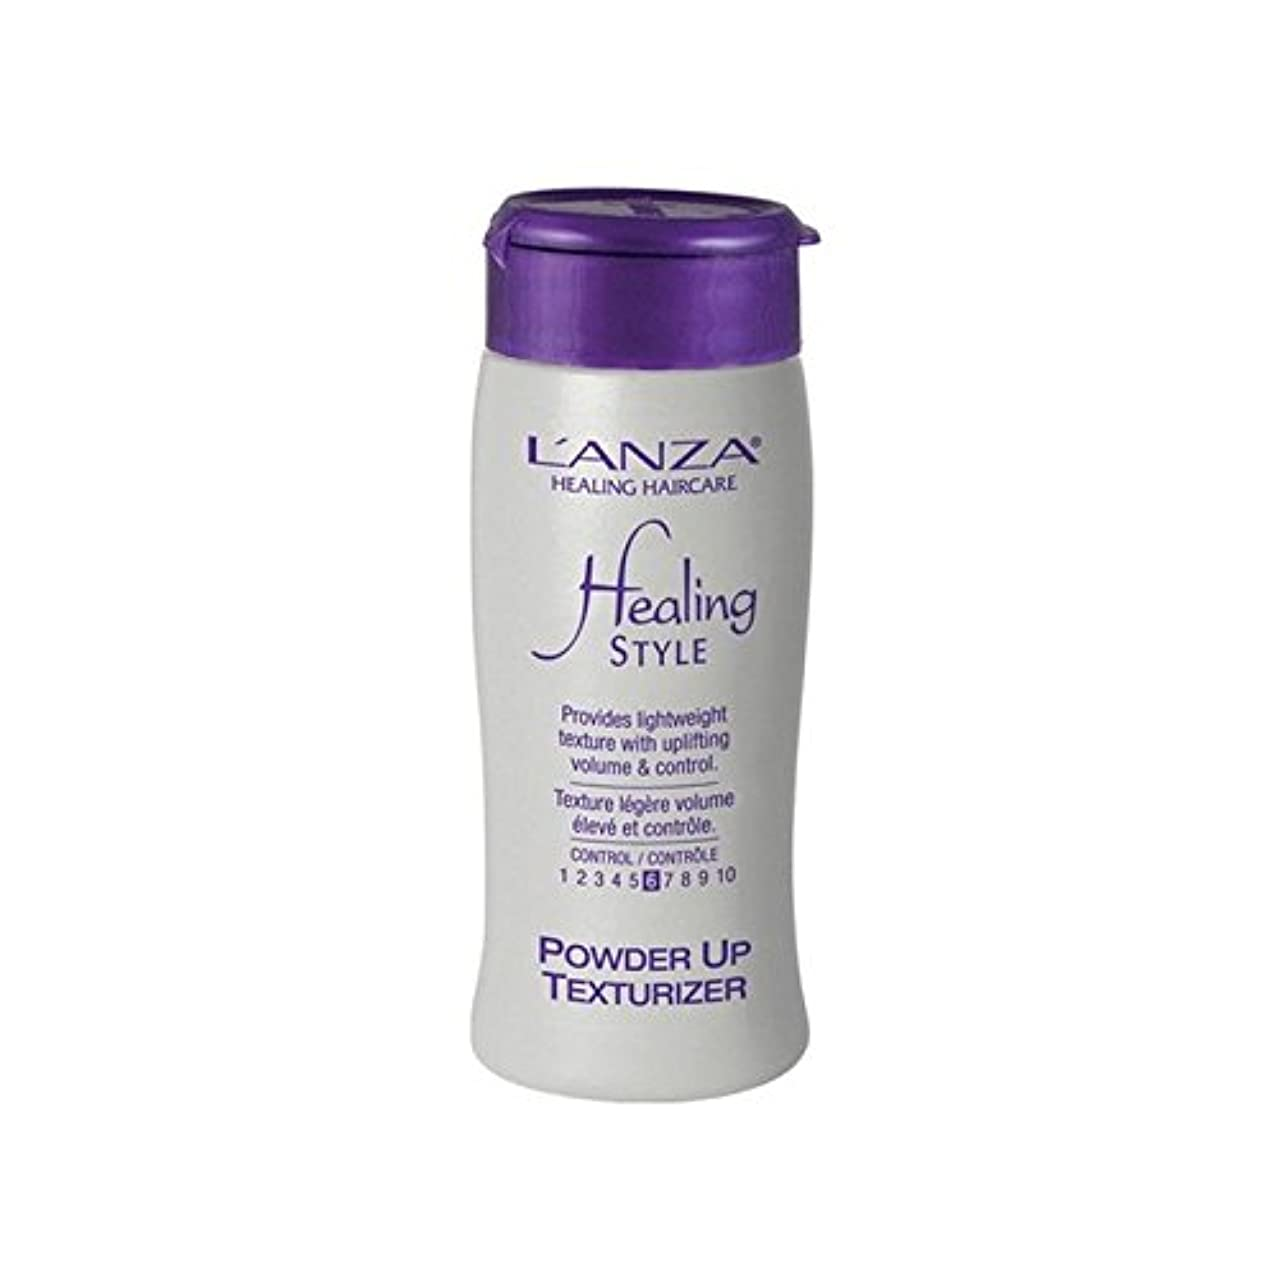 分泌する汚染された世代のアンザヒーリングスタイル粉末アップテクスチャライザー(15グラム) x4 - L'Anza Healing Style Powder Up Texturizer (15G) (Pack of 4) [並行輸入品]